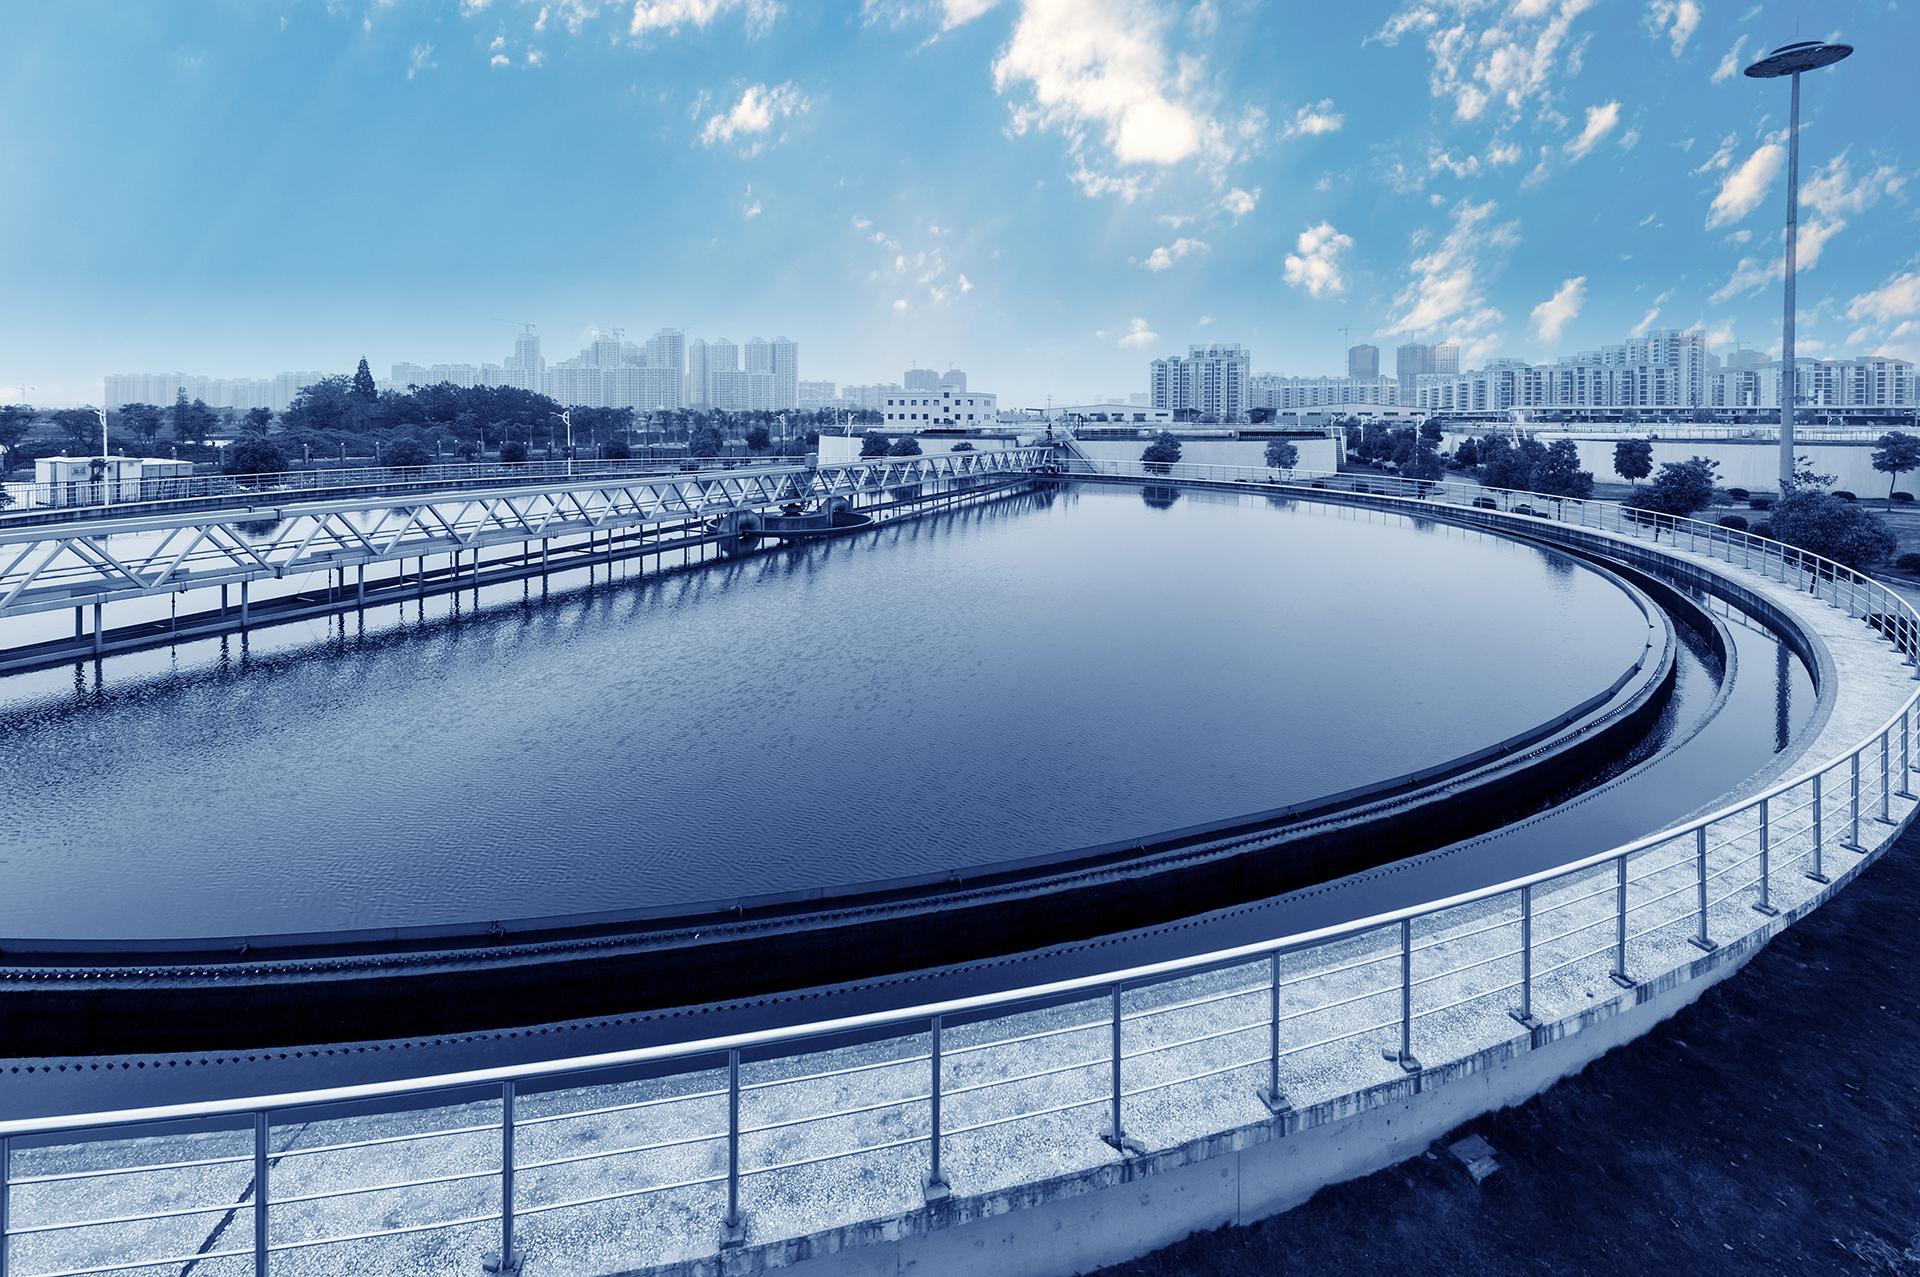 eco systems - depuratori d'acqua - trattamento acque - impianti di potabilizzazione